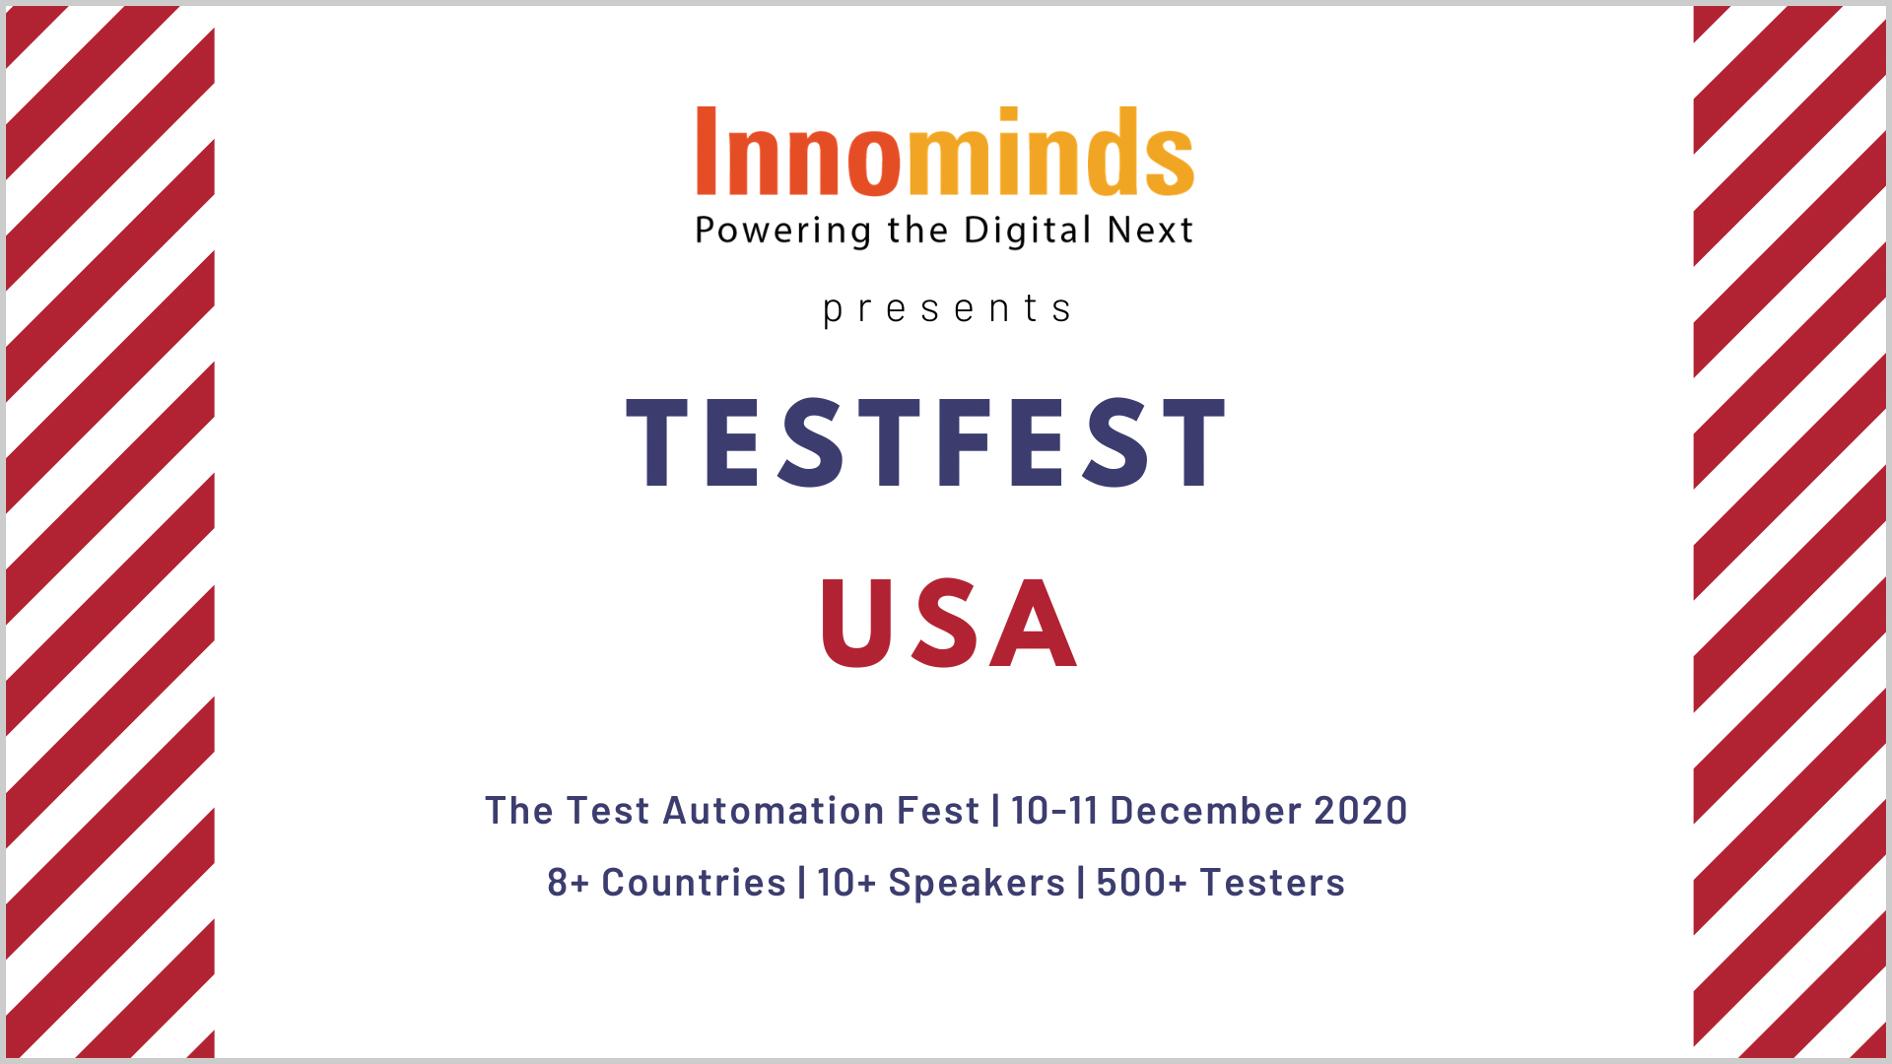 TestFest-image